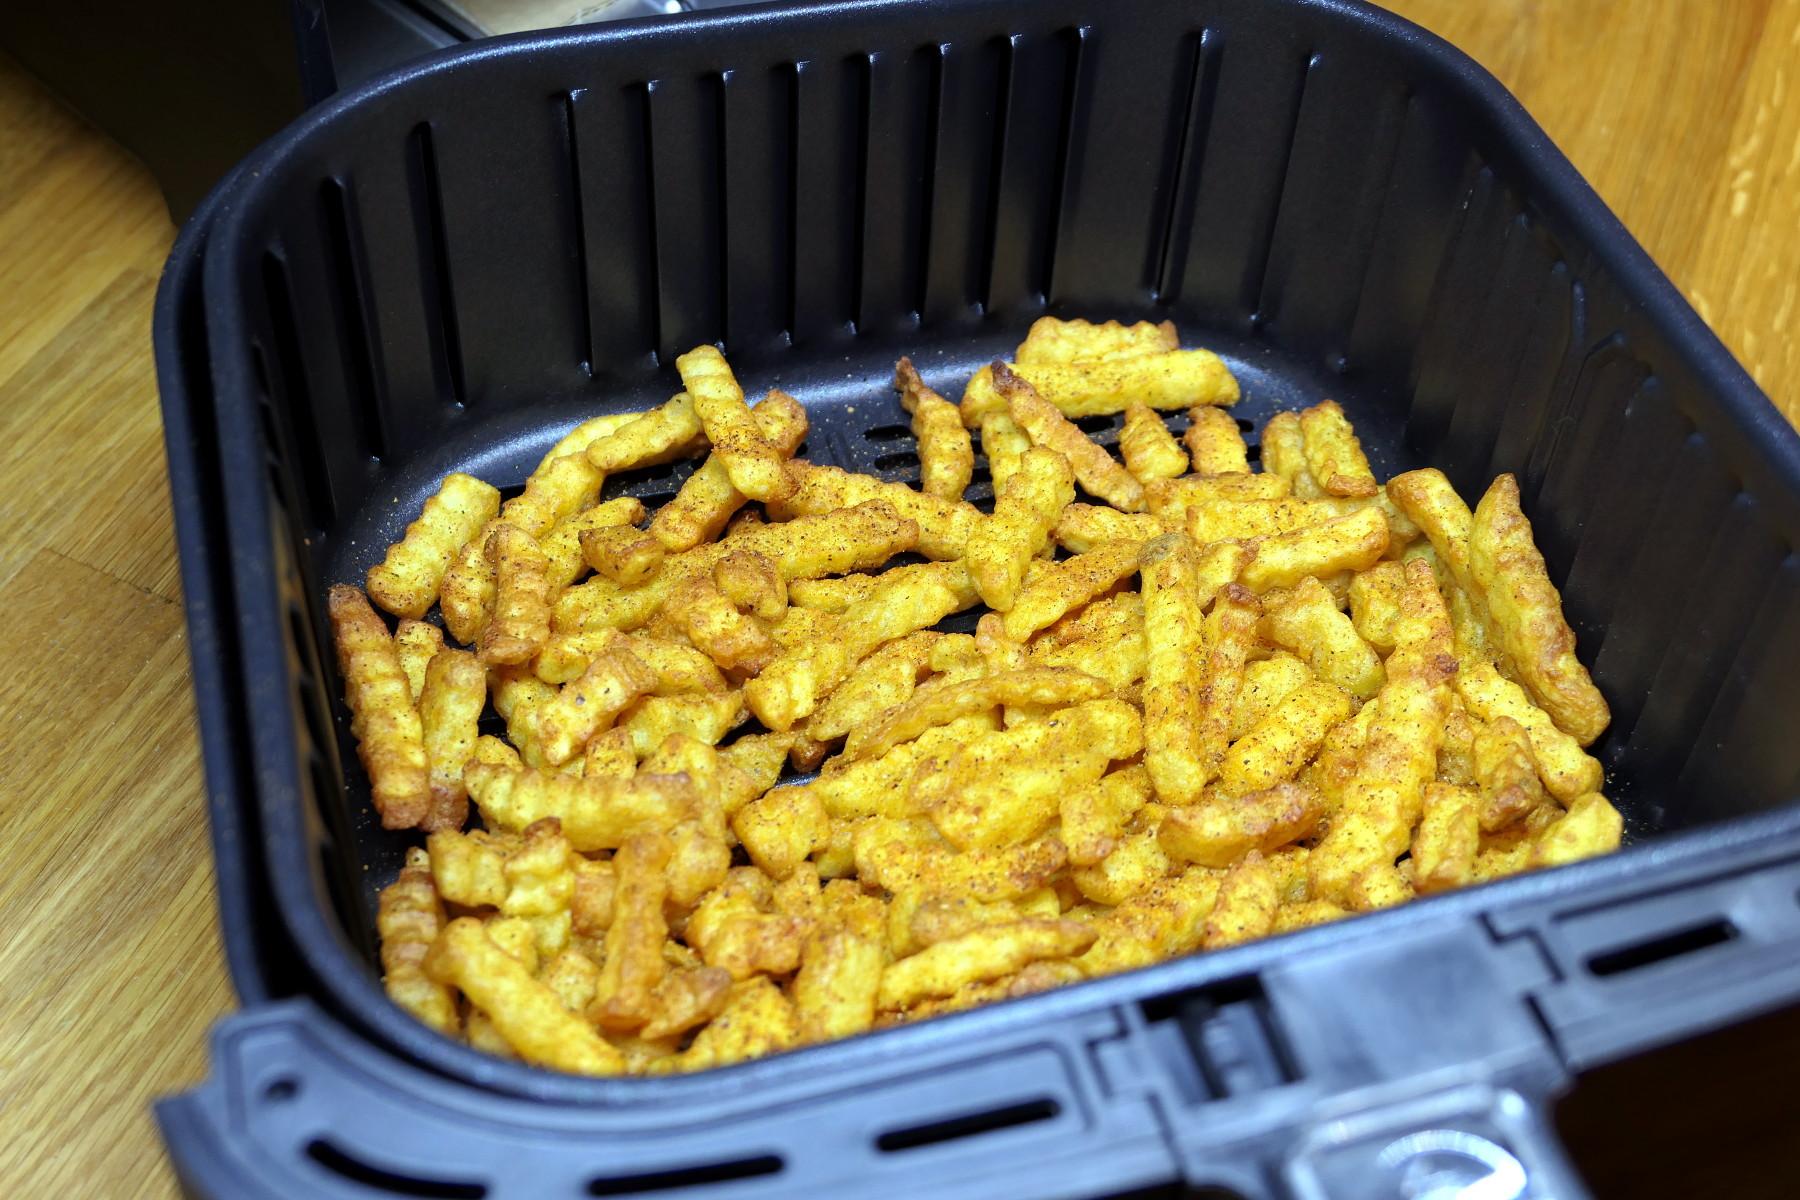 Cosori Premium Smart French Fries